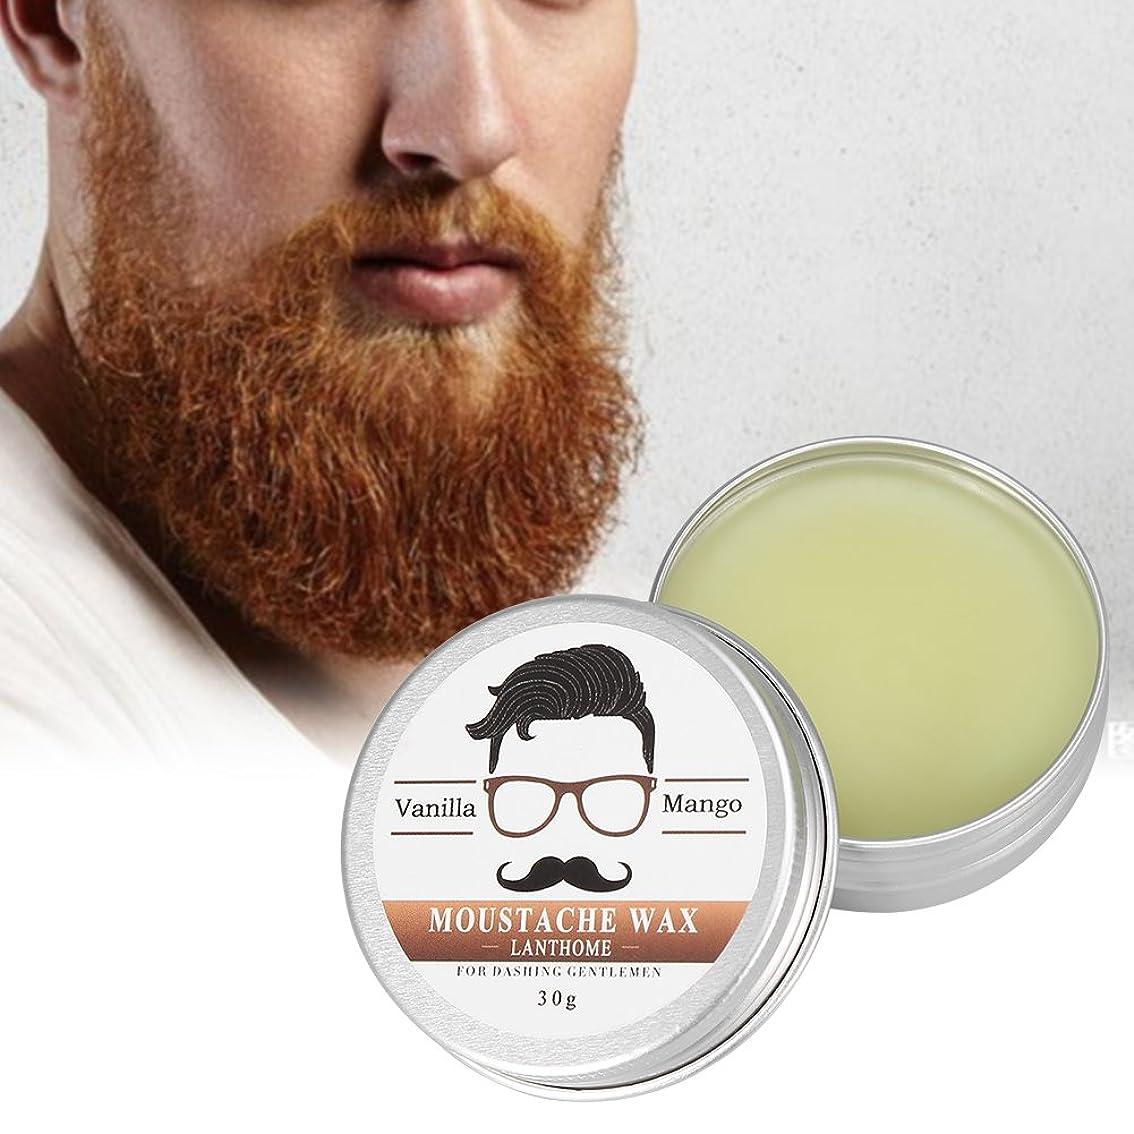 ピンク退院痛みビアードワックス ひげクリーム 口髭用 ワックス バーム 男性用 保湿 滋養 ひげ根 ケア